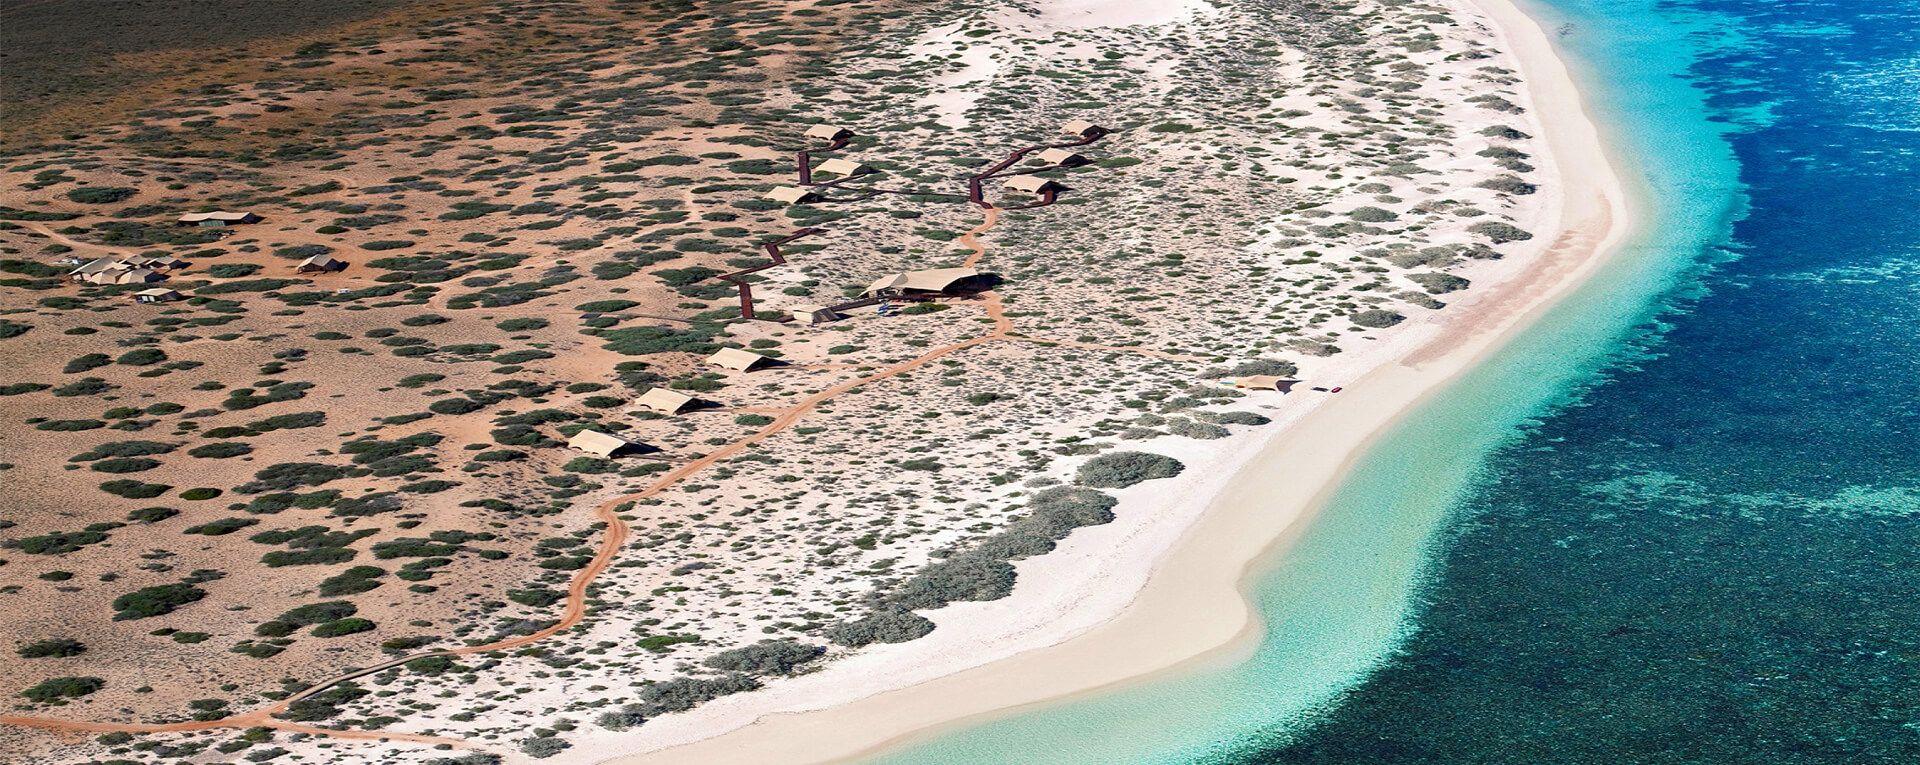 Sal Salis Ningaloo Reef Safari Camp